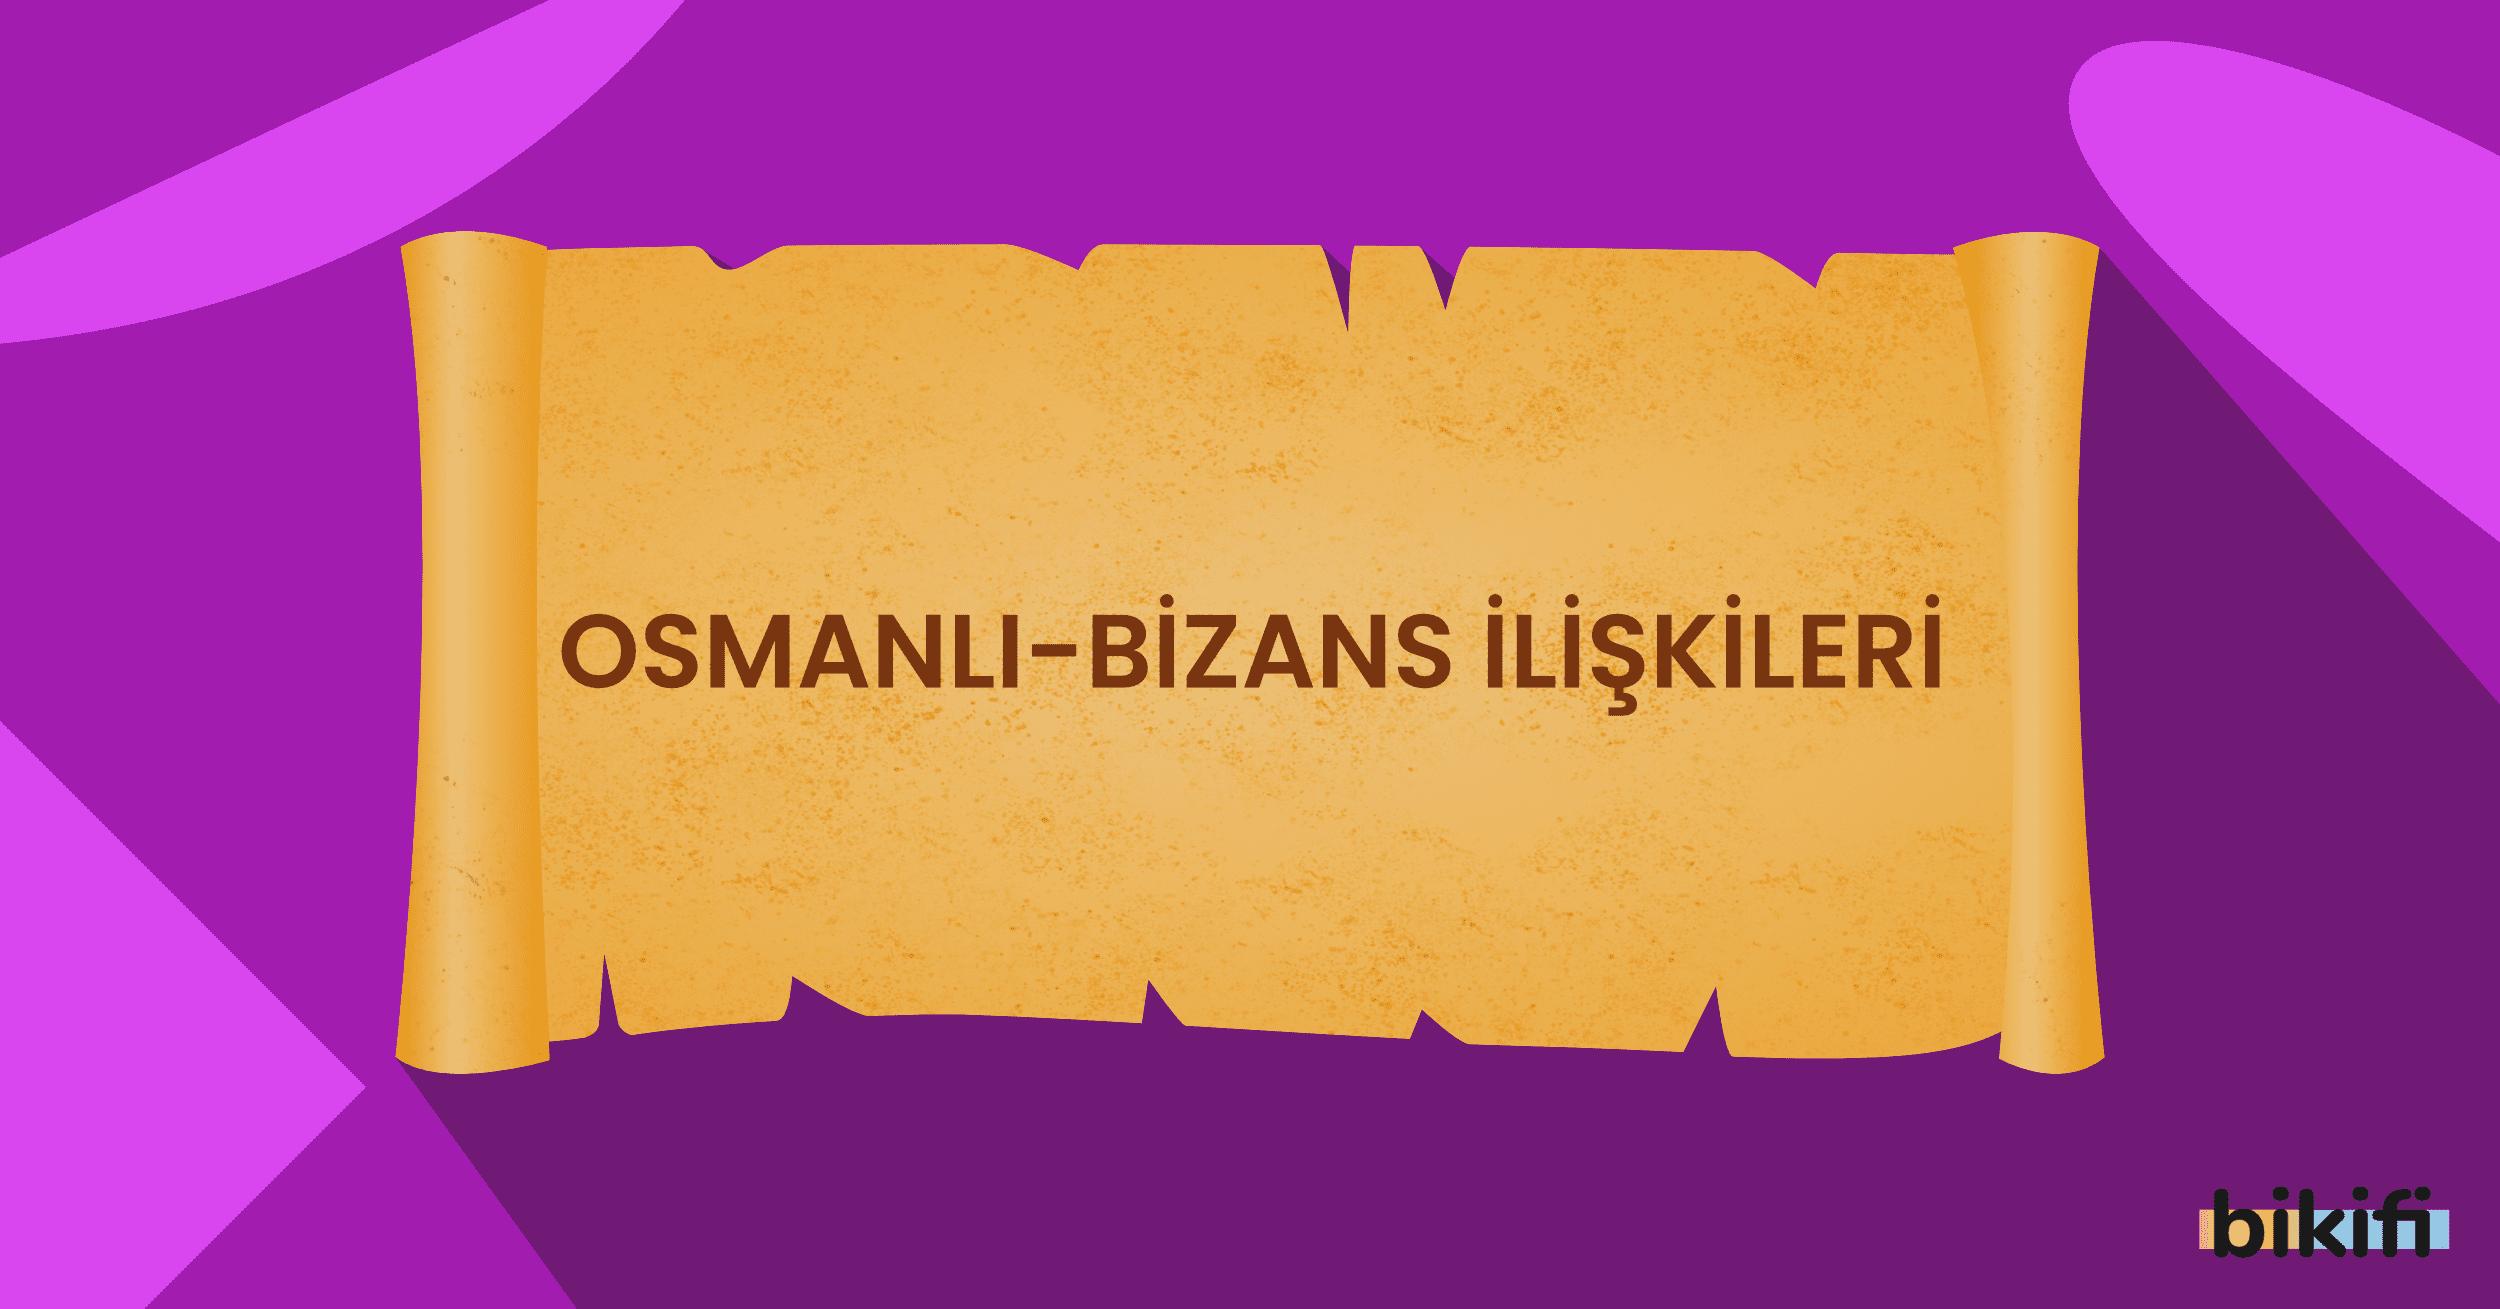 Osmanlı-Bizans İlişkileri